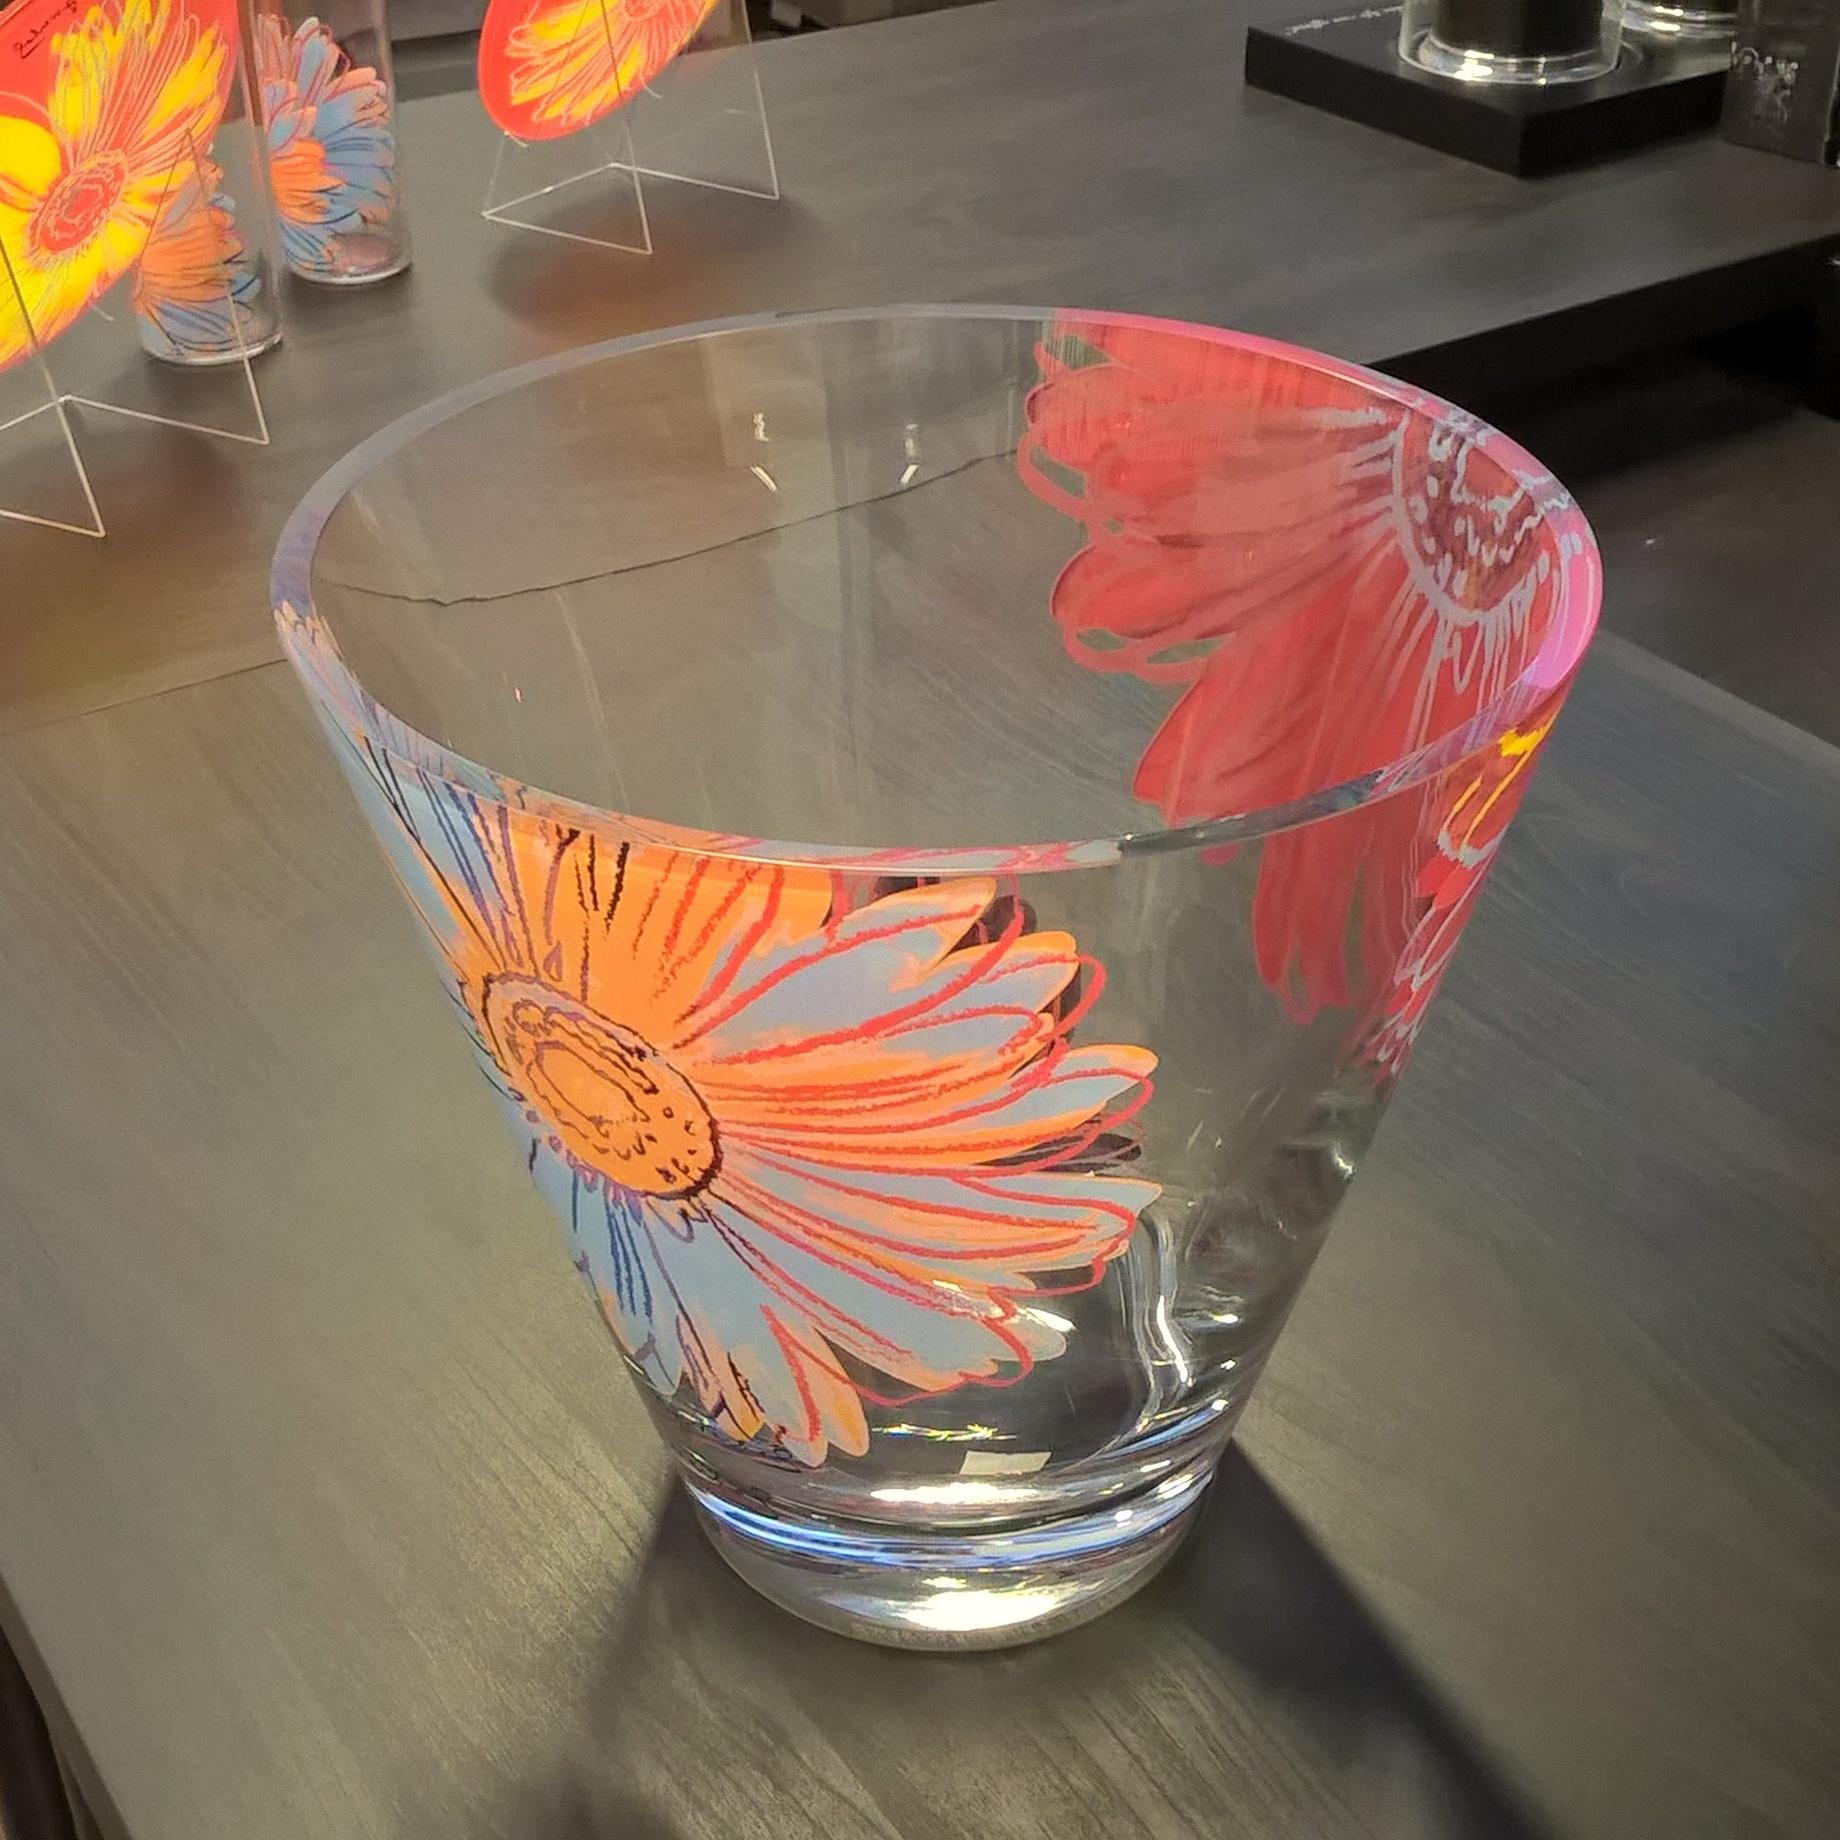 Серия Andy Warhol Хрусталь и стекло Rosenthal<br>Серия Andy Warhol Ваза<br>22 см<br>Материал: стекло<br>Производитель: Rosenthal, Германия<br>